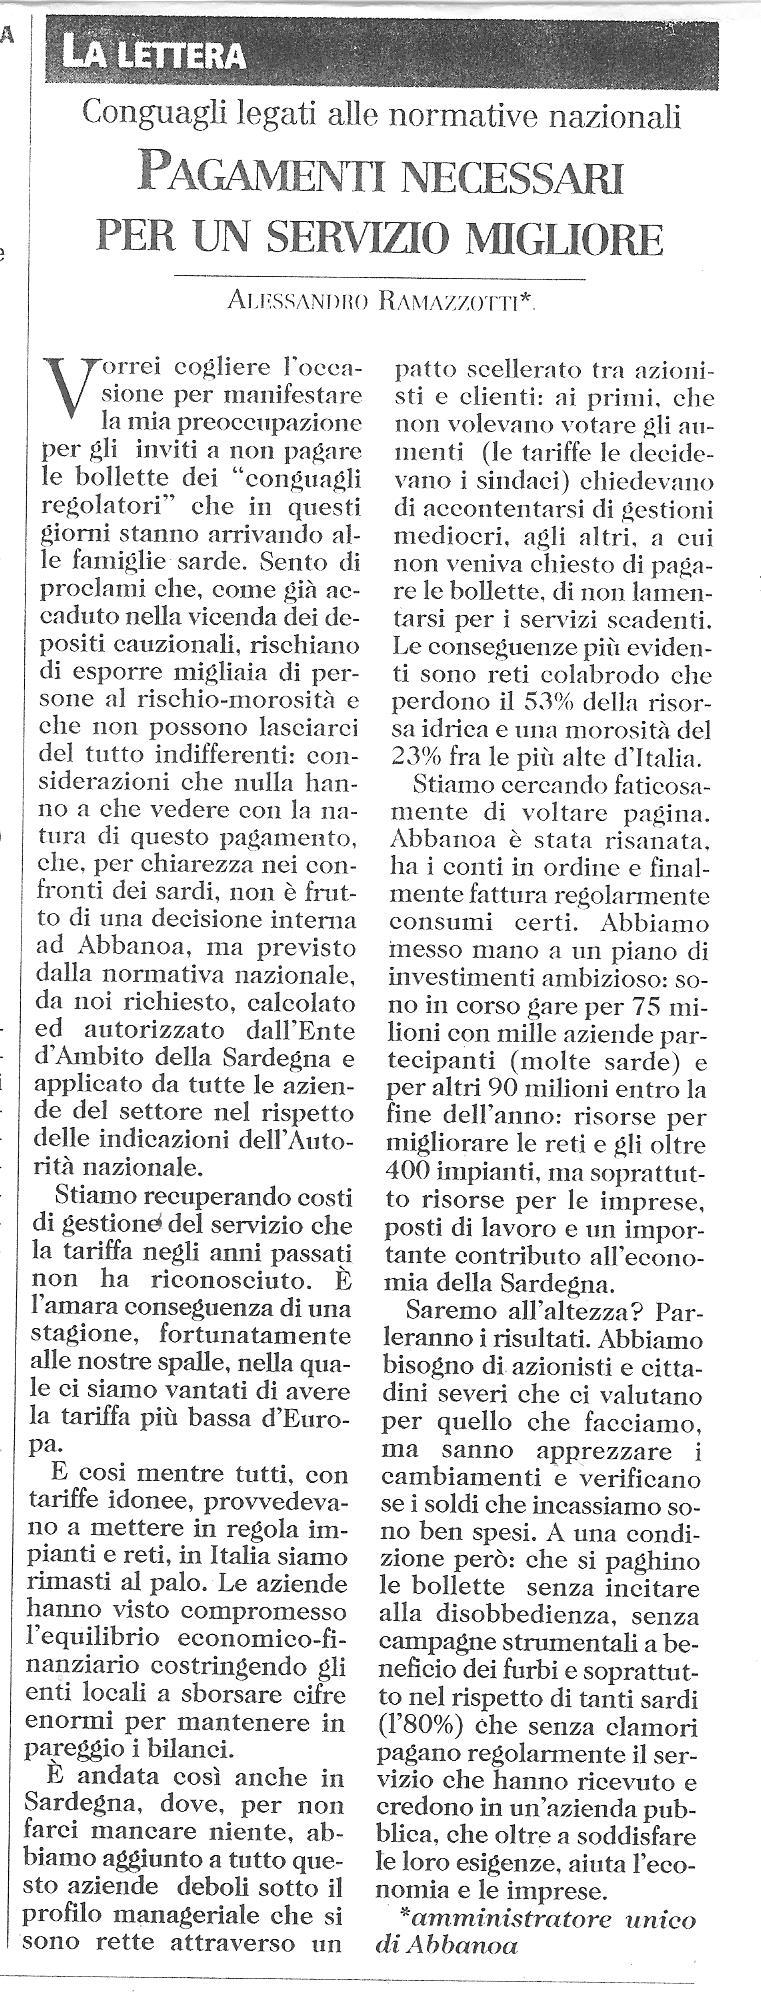 Lettera di Ramazzotti su L'Unione Sarda del 29-05-2016